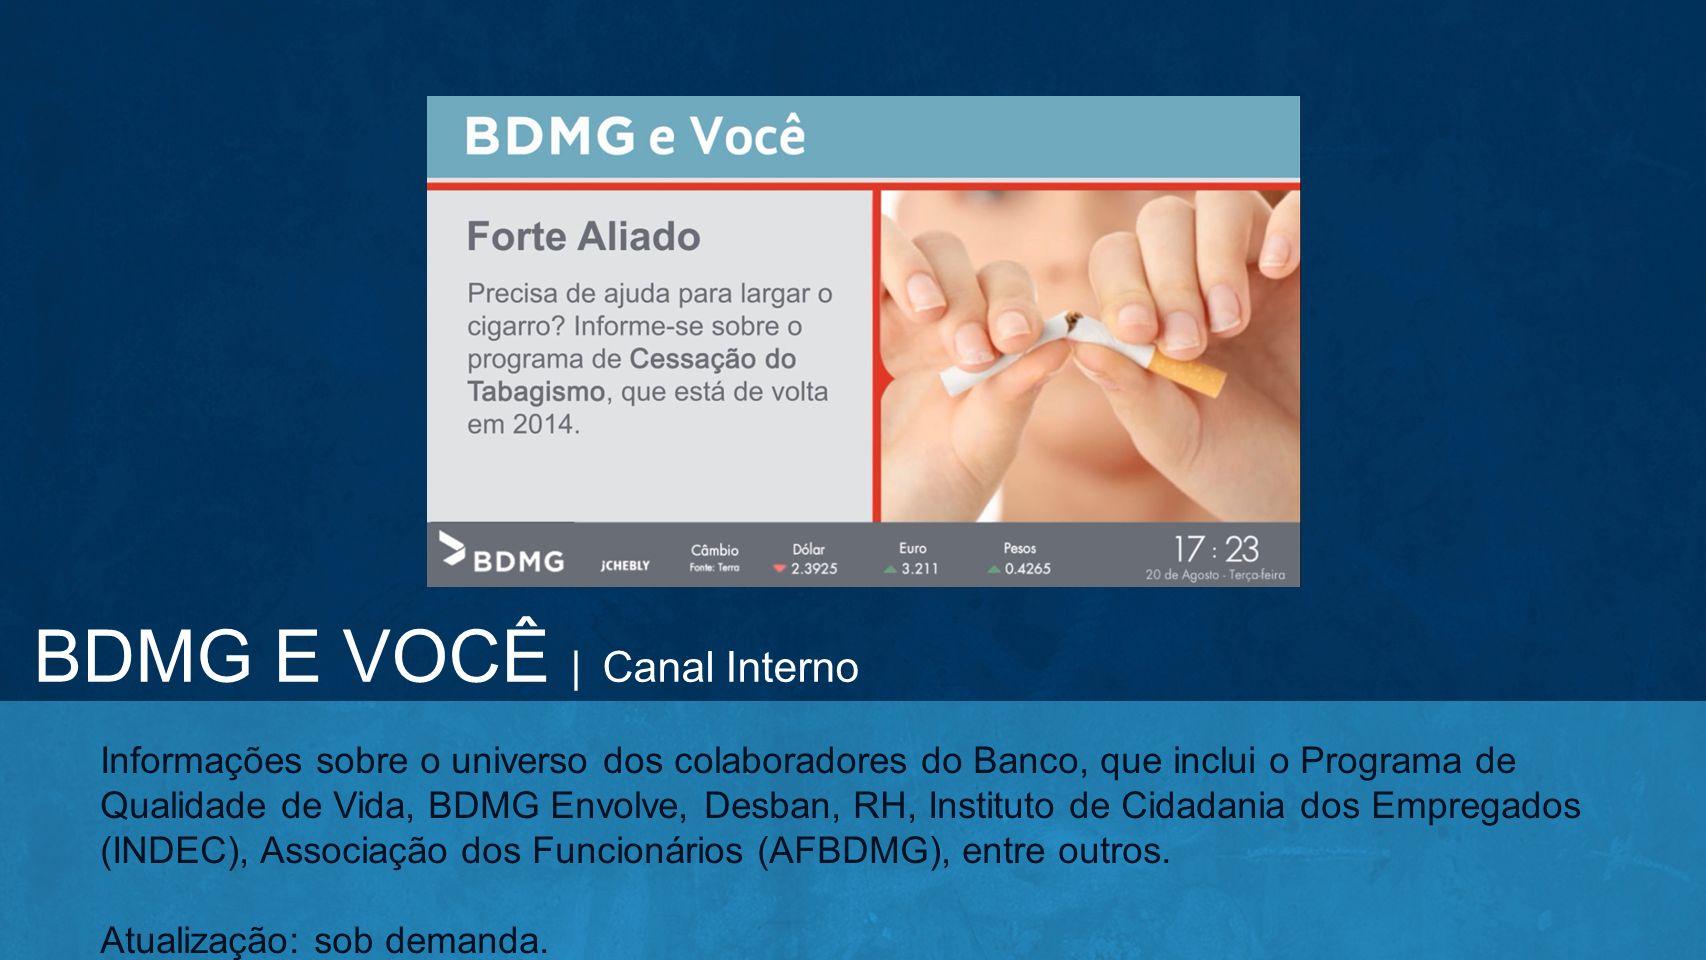 Informações sobre o universo dos colaboradores do Banco, que inclui o Programa de Qualidade de Vida, BDMG Envolve, Desban, RH, Instituto de Cidadania